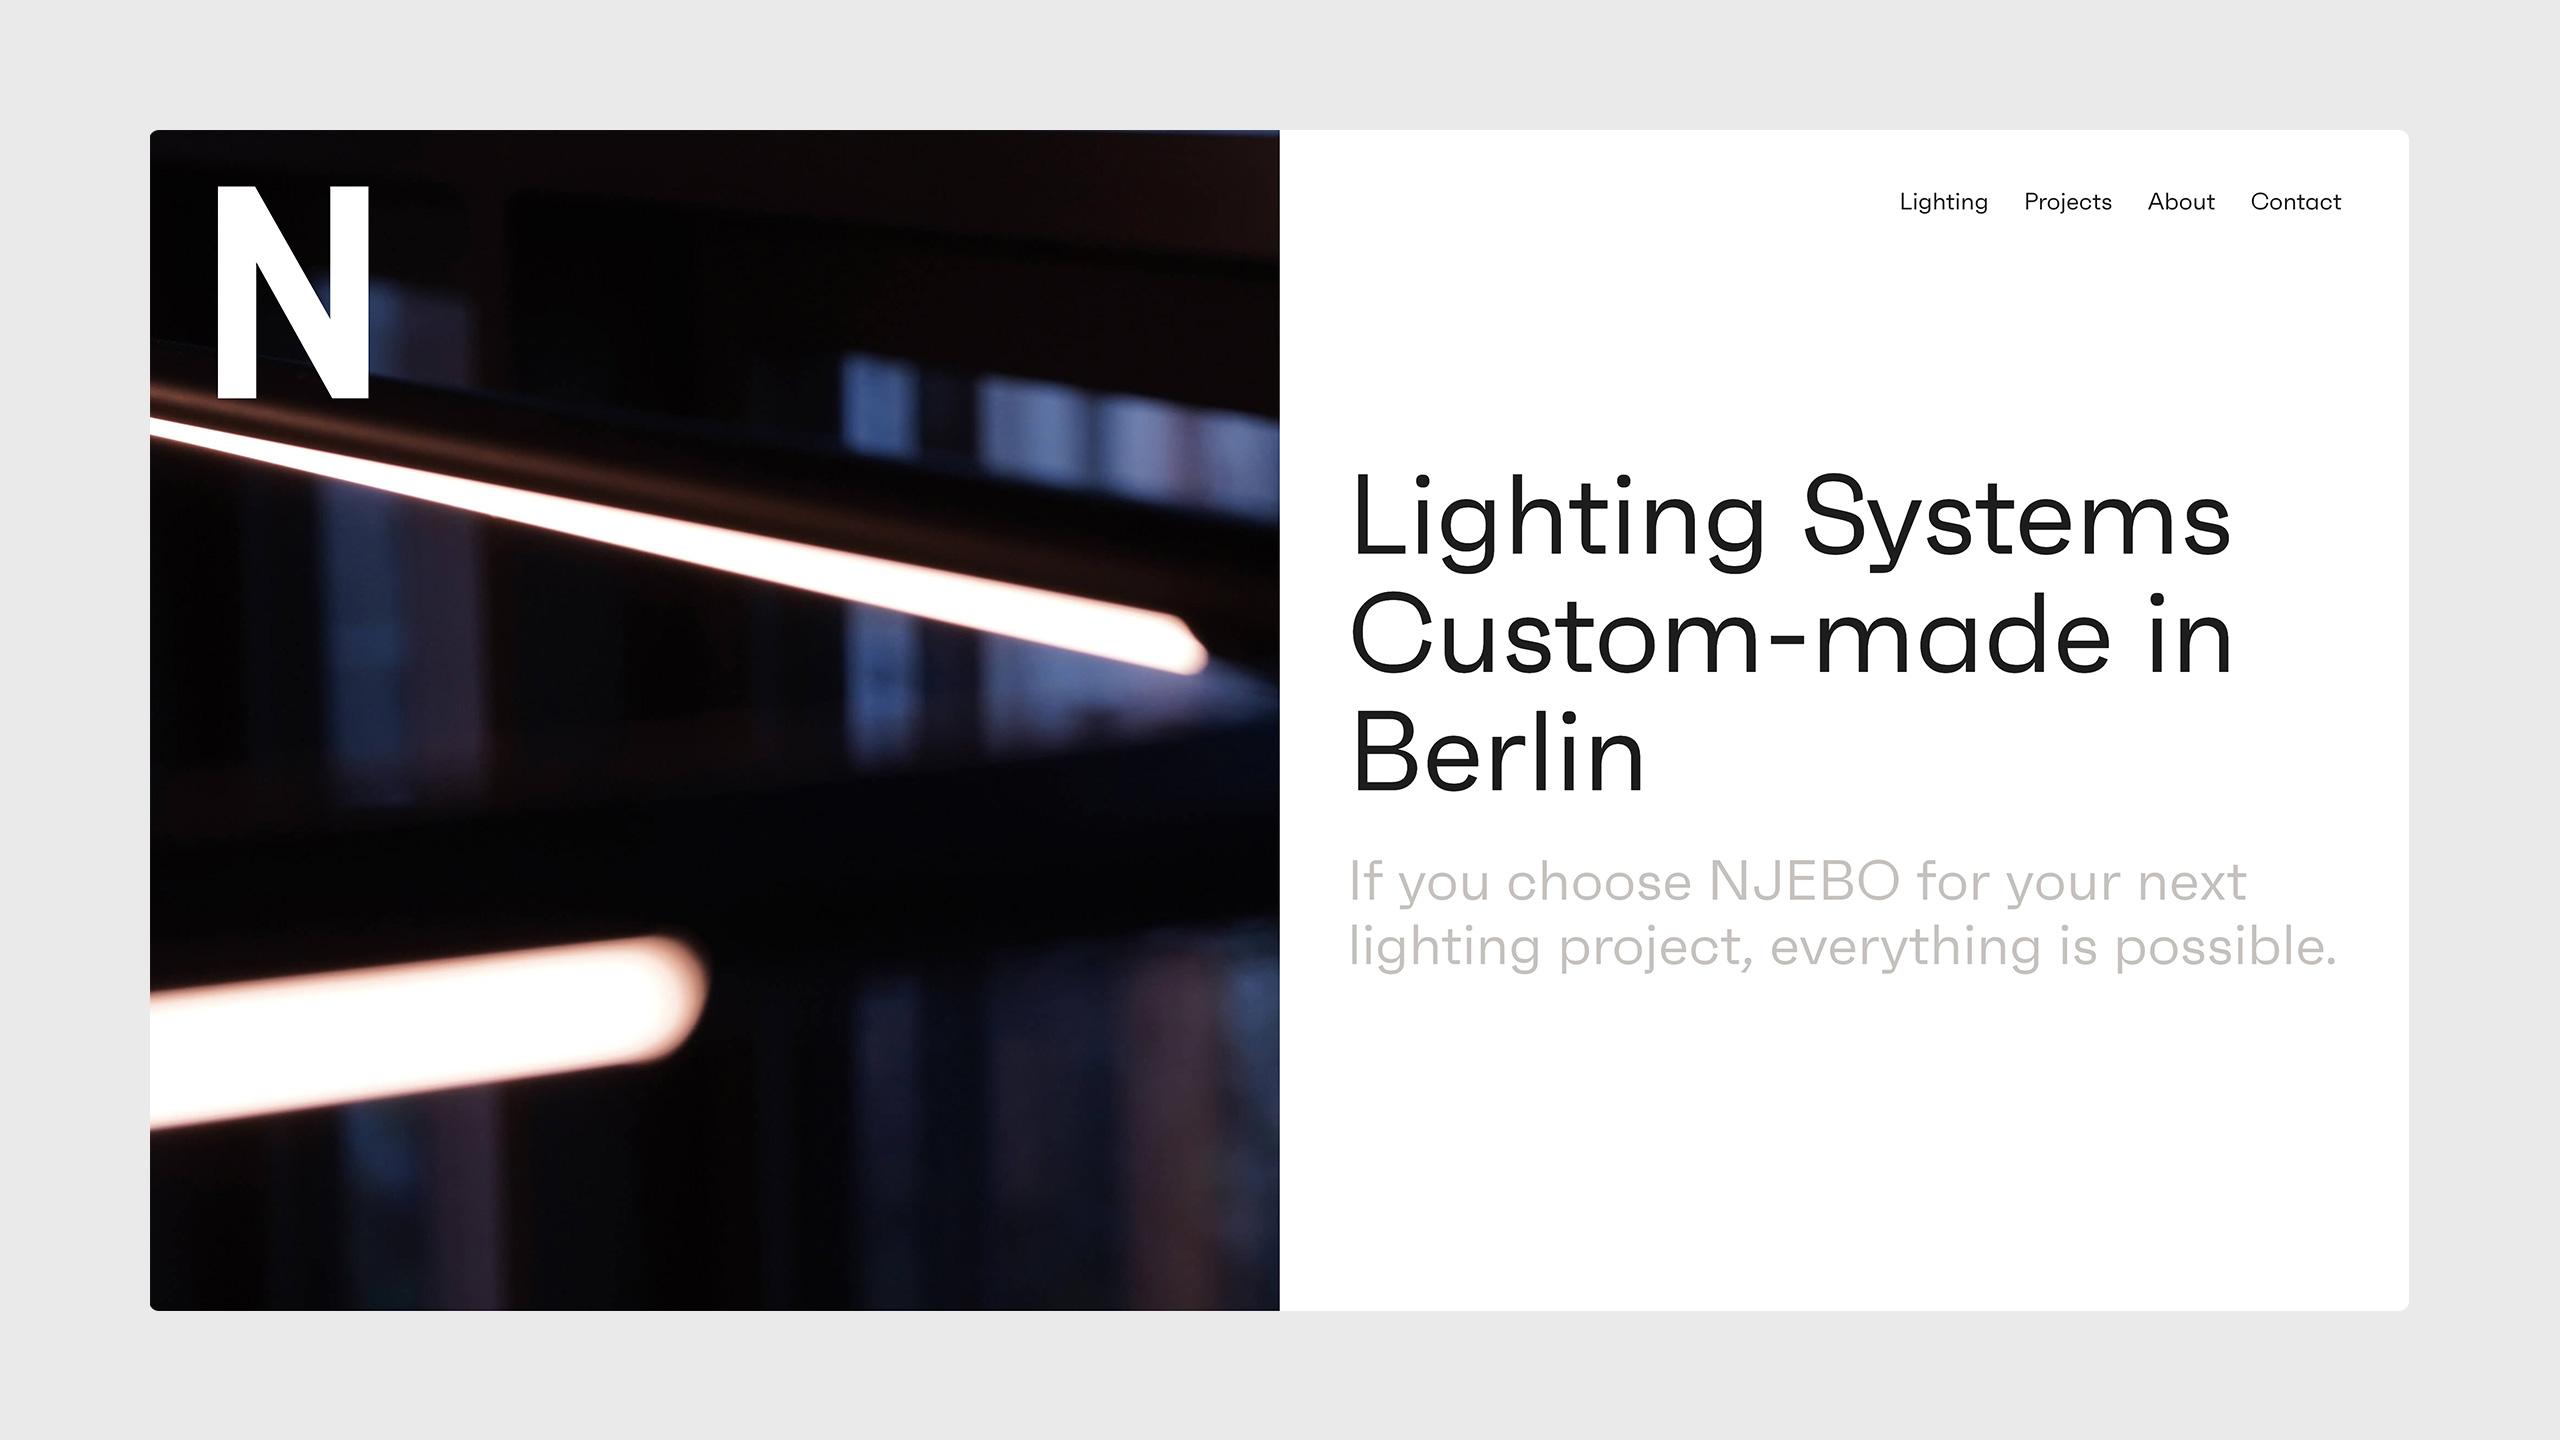 Image of NJEBO desktop screens